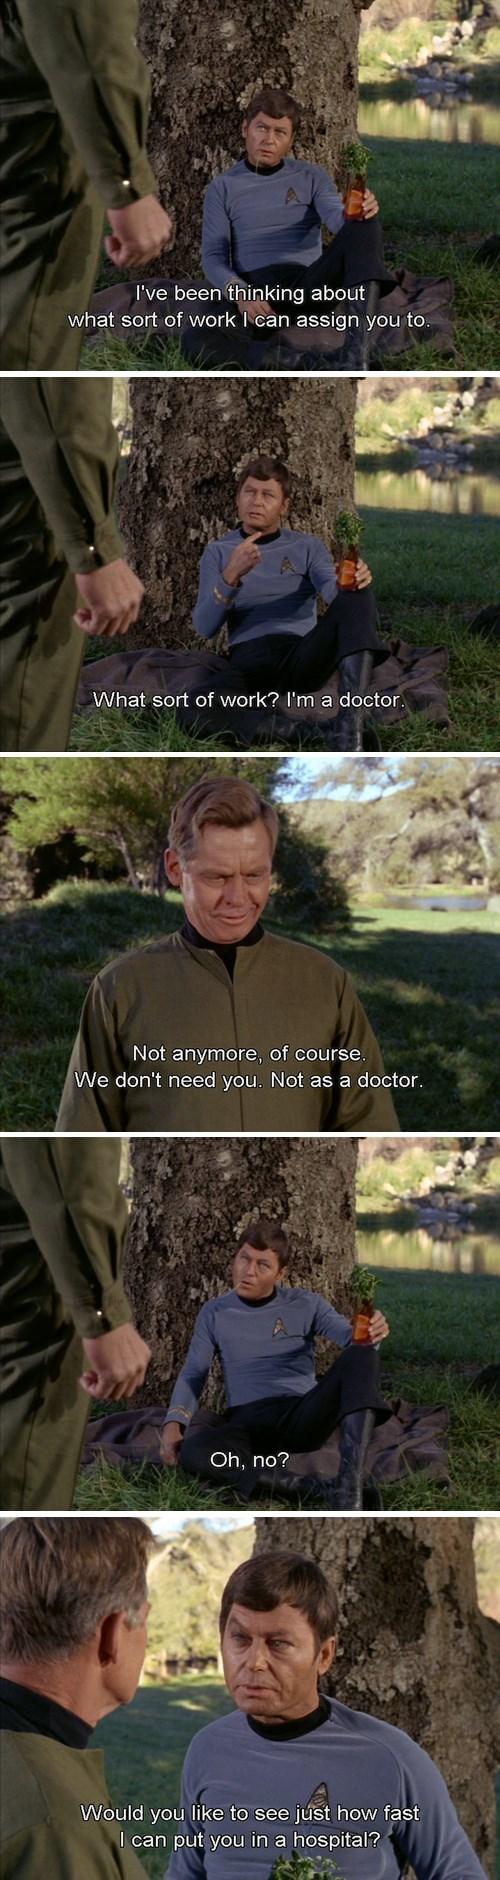 bones TOS leonard mccoy doctor Star Trek - 7841431296